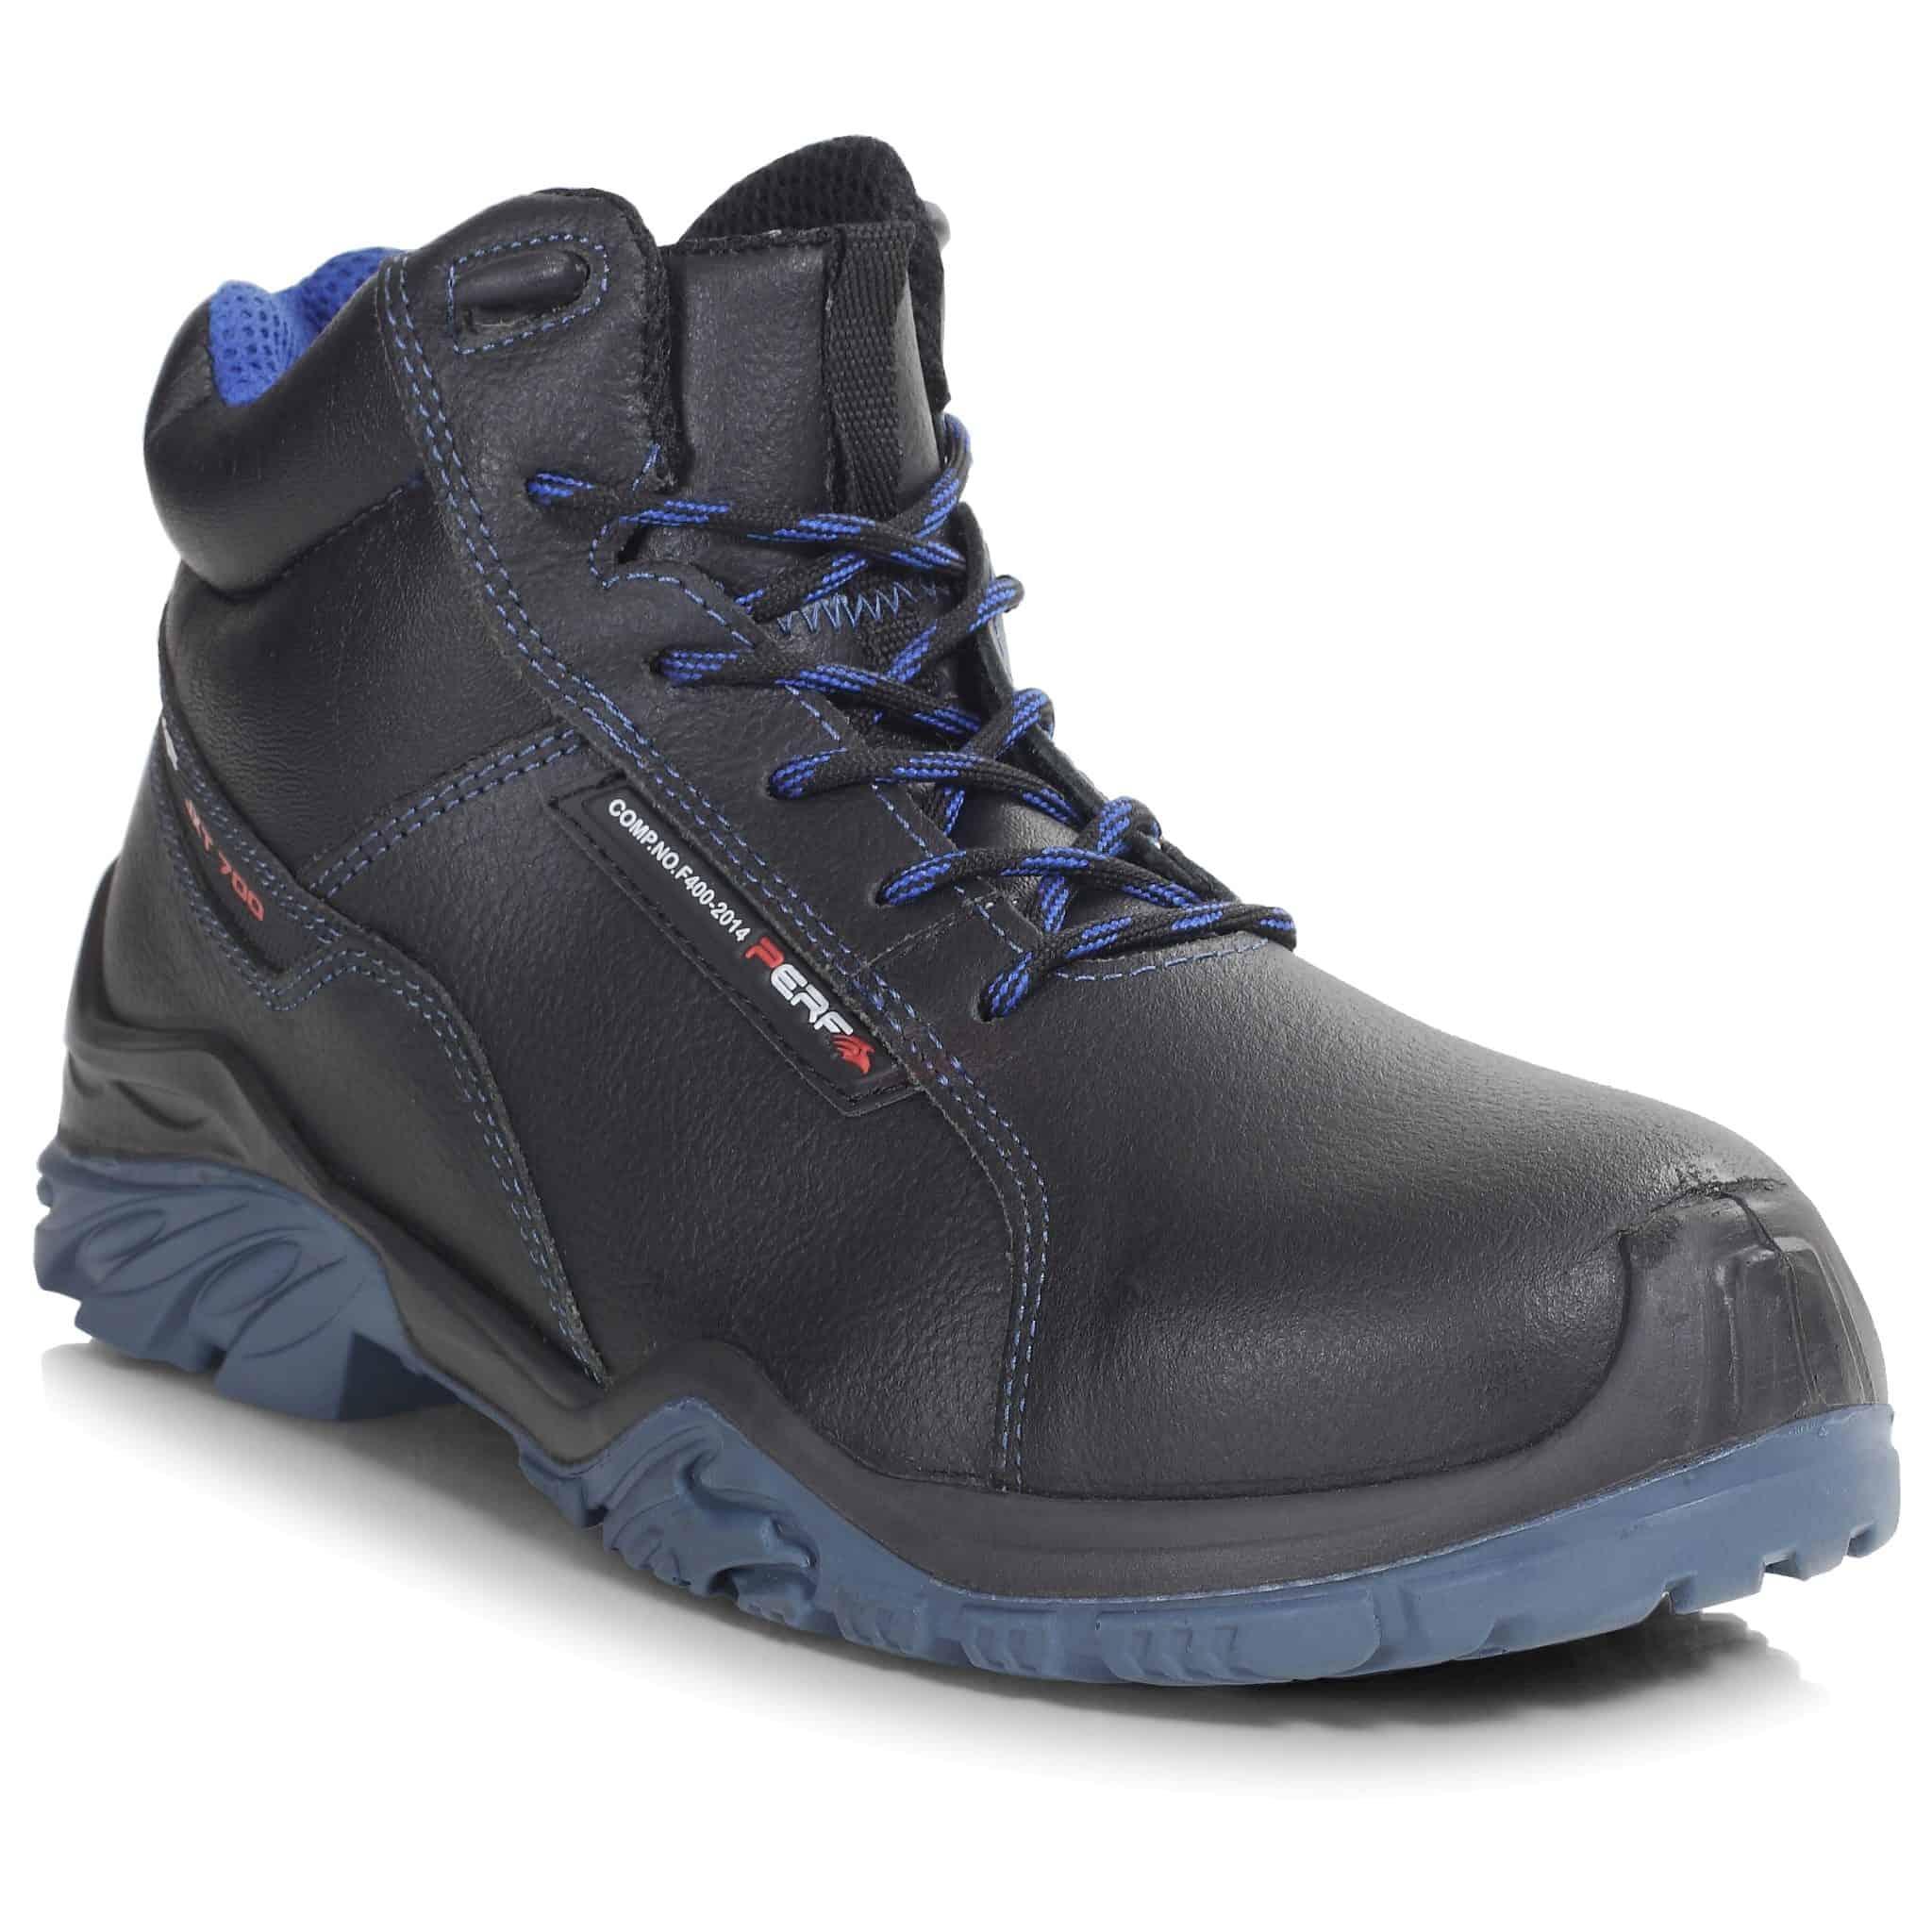 Tornado High FG – Lightweight Non-Metal S3 SRC PU Safety Hiker Boots